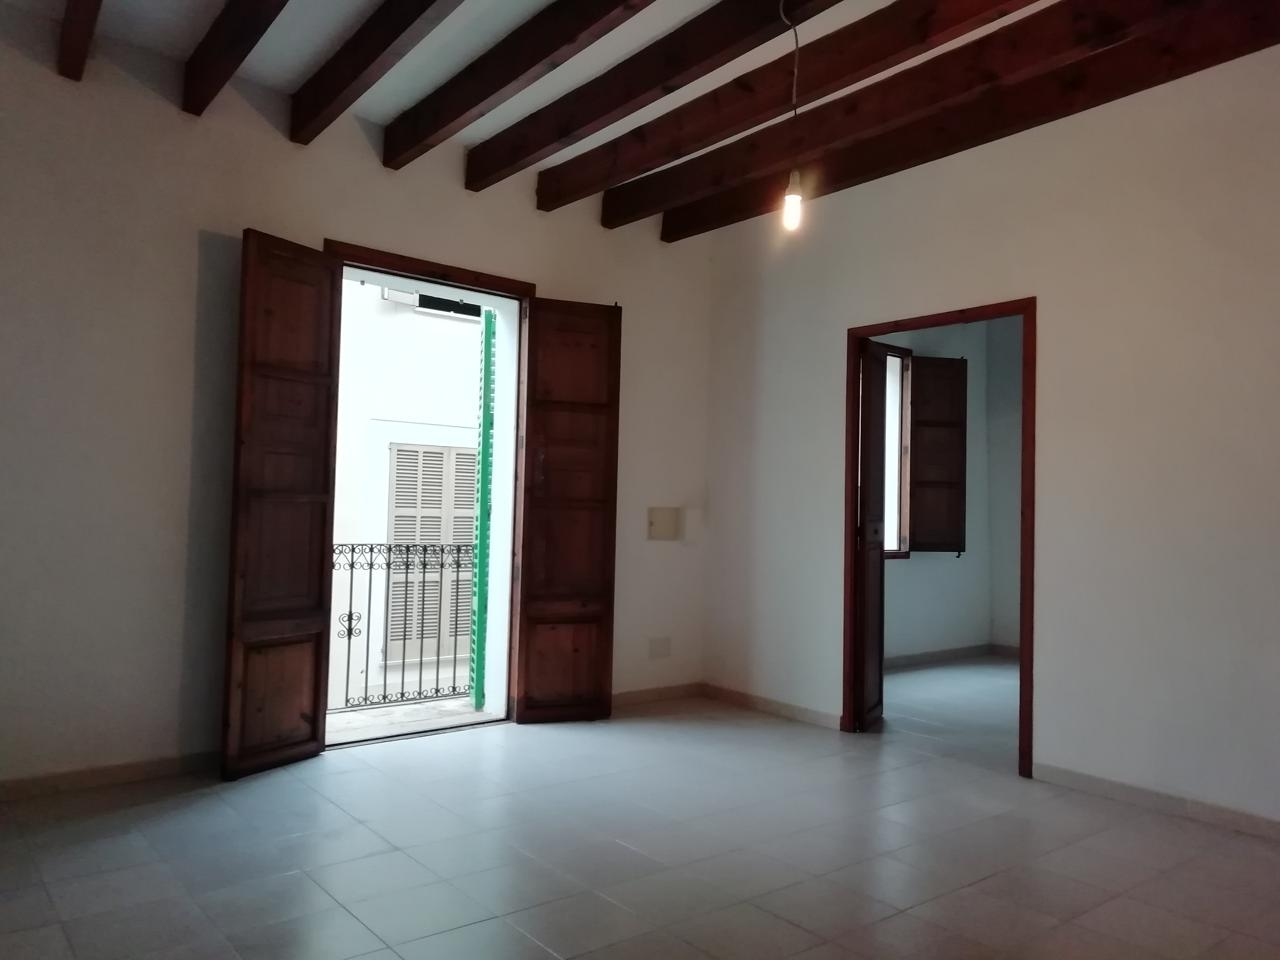 Location Appartement  Zona ayuntamiento. 1er piso de gran casa mallorquina con acceso independiente desde